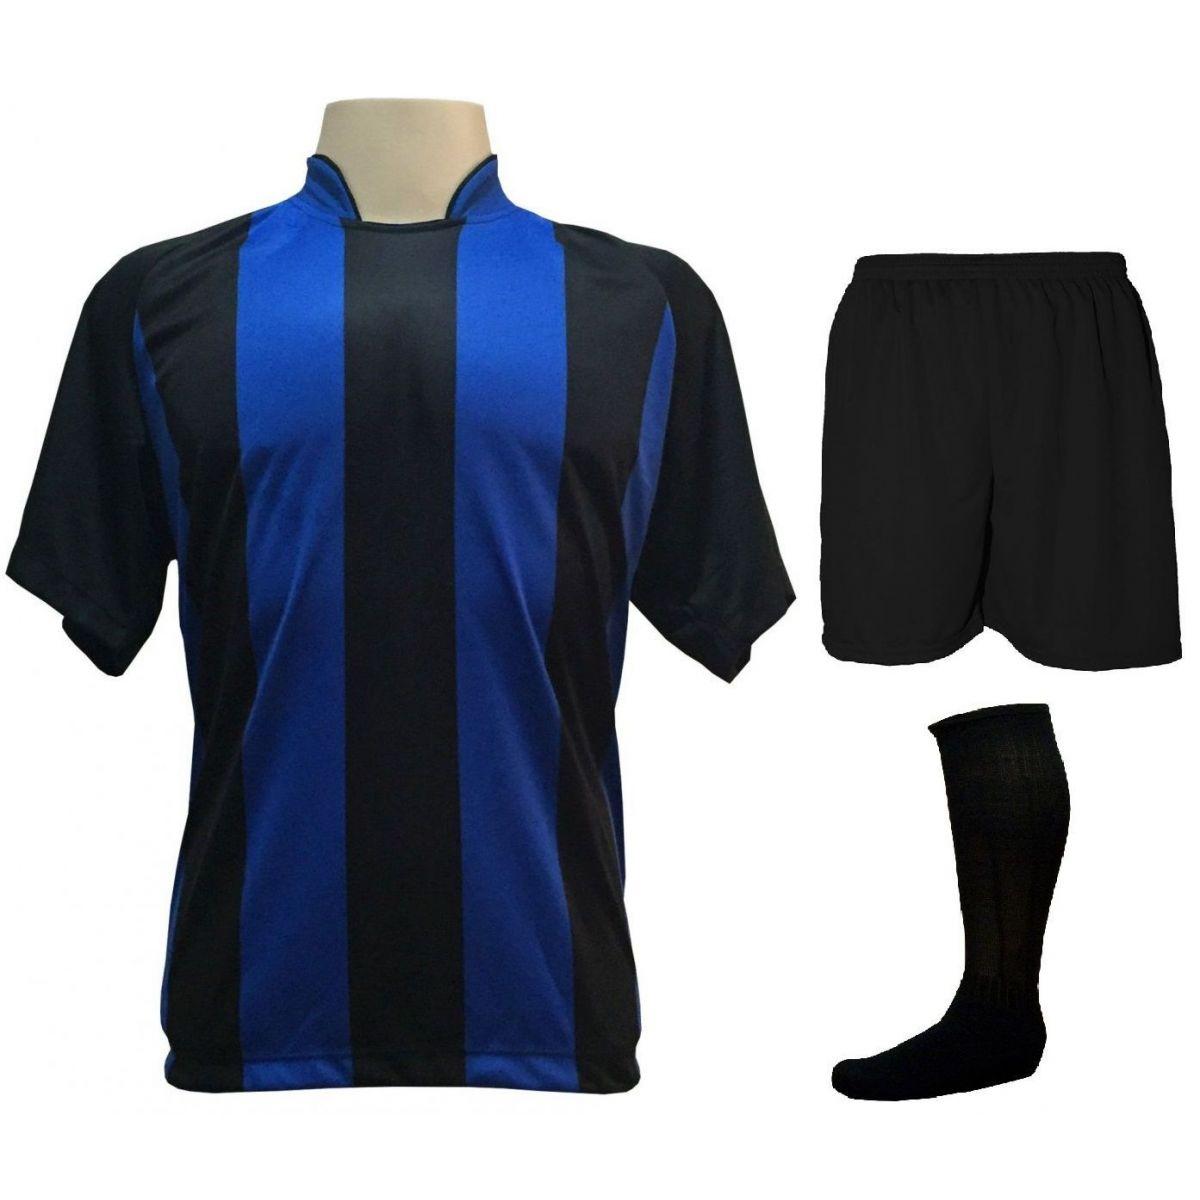 Fardamento Completo modelo Milan 18+1 (18 Camisas Preto/Royal + 18 Calções Madrid Preto + 18 Pares de Meiões Pretos + 1 Conjunto de Goleiro) + Brindes